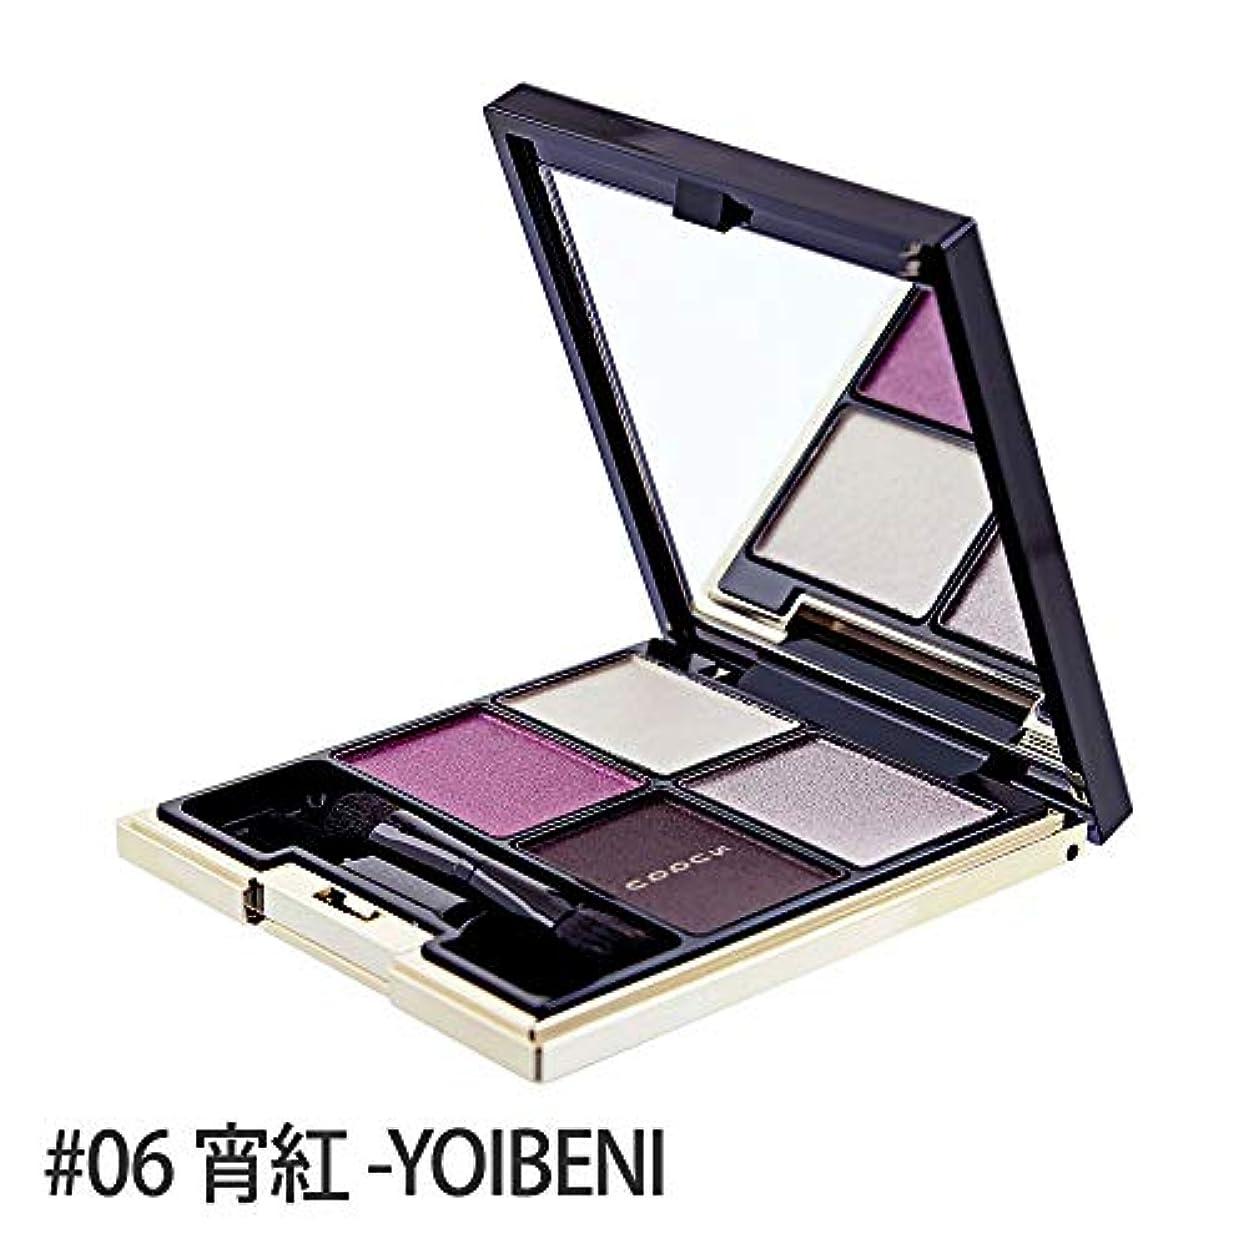 SUQQU(スック) デザイニング カラー アイズ #06 宵紅 YOIBENI [並行輸入品]